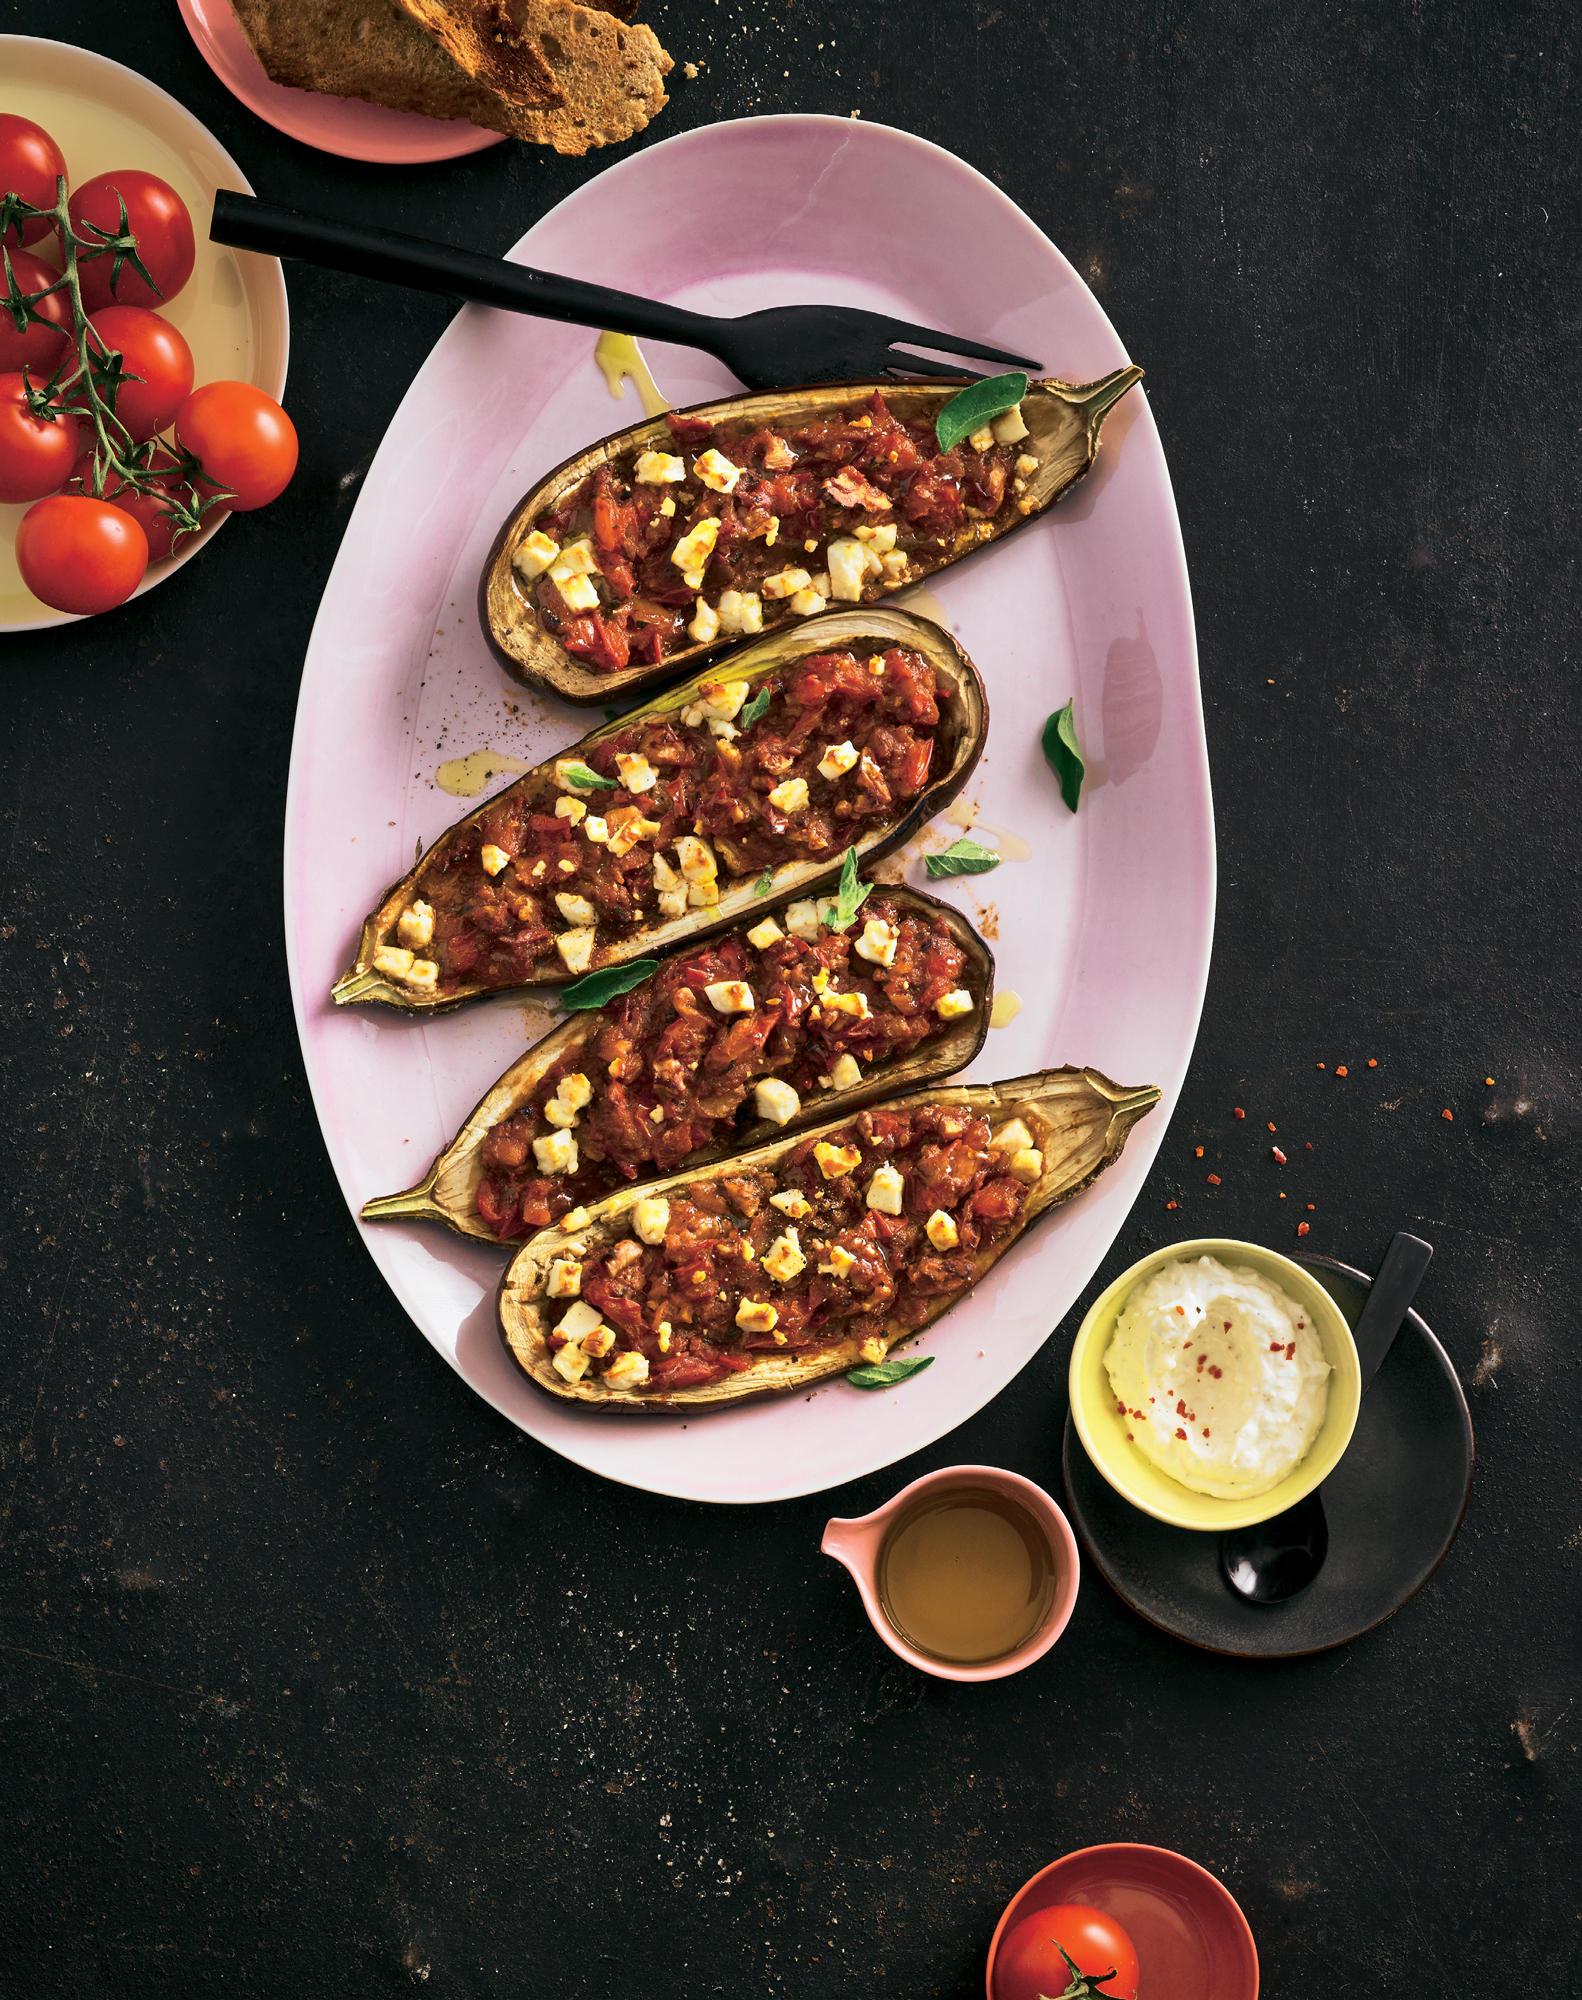 Gefüllte Aubergine mit Feta-Joghurt